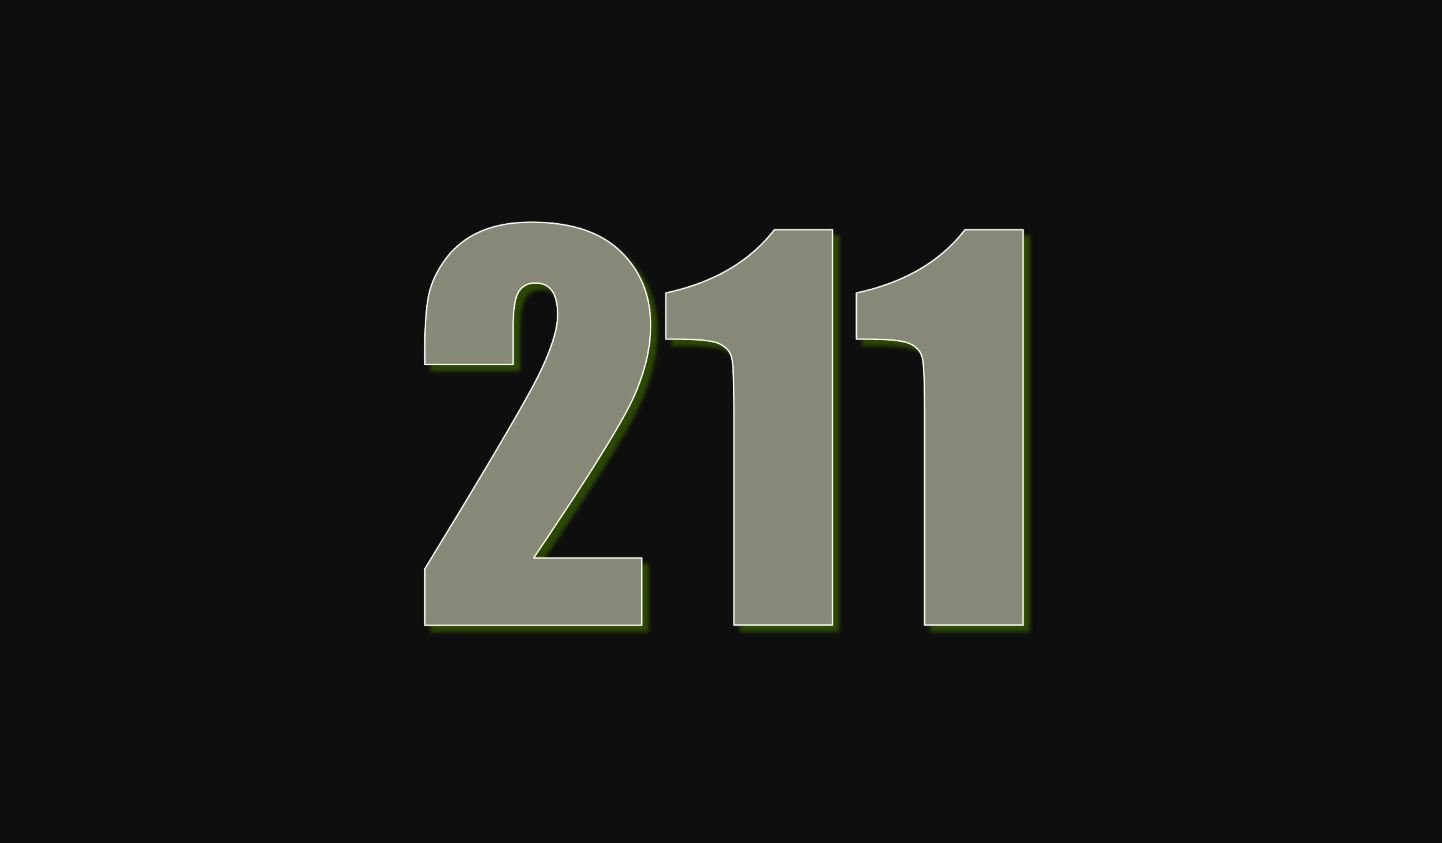 Die Bedeutung der Zahl 211